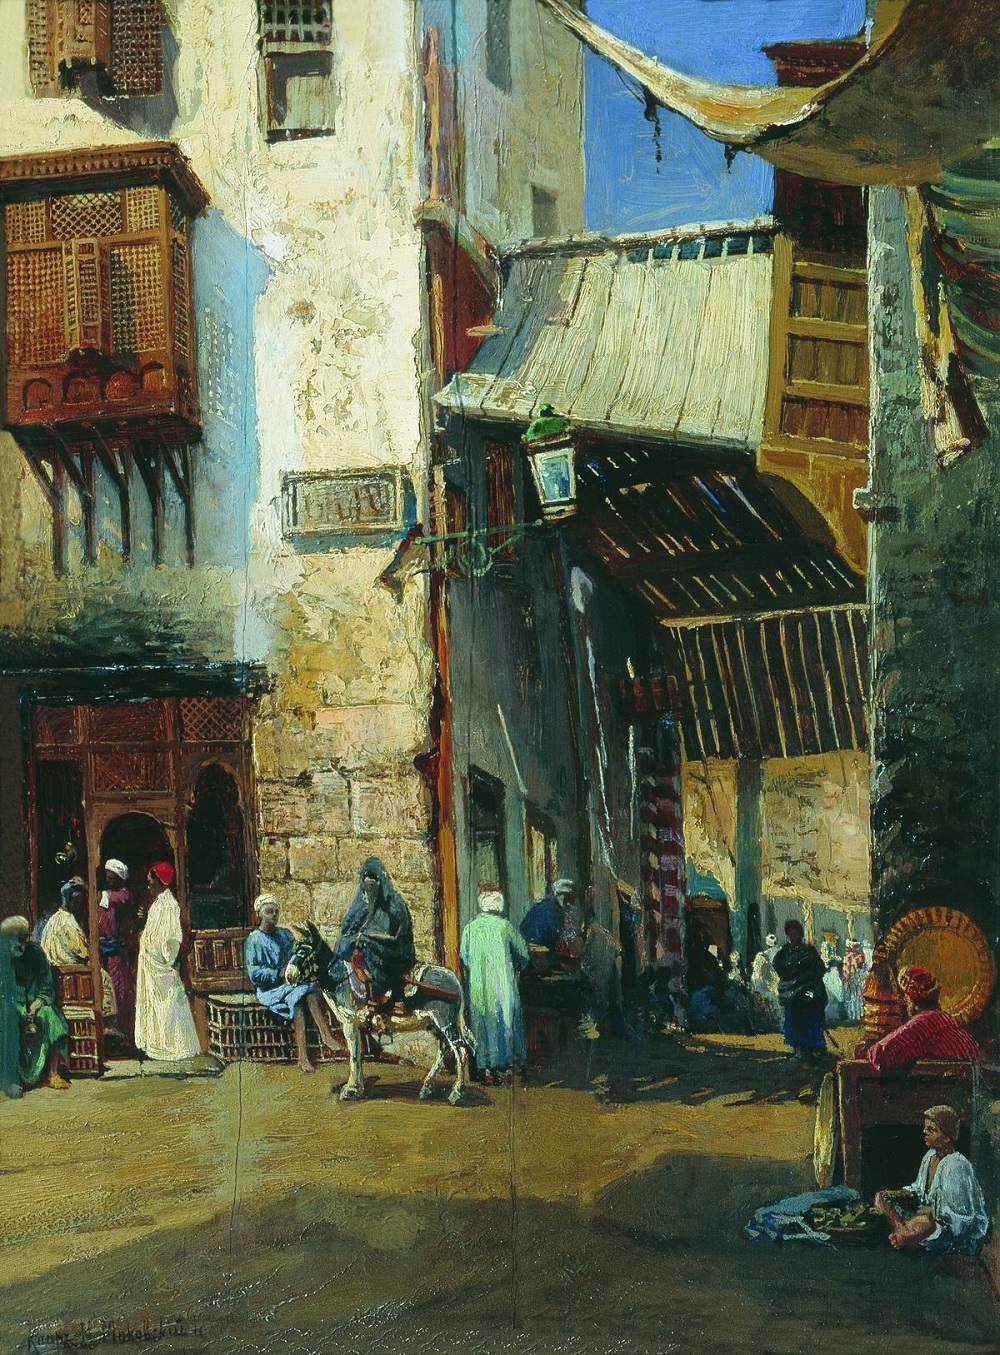 Каир. 1880-е Этюд Нижегородский государственный художественный музей.